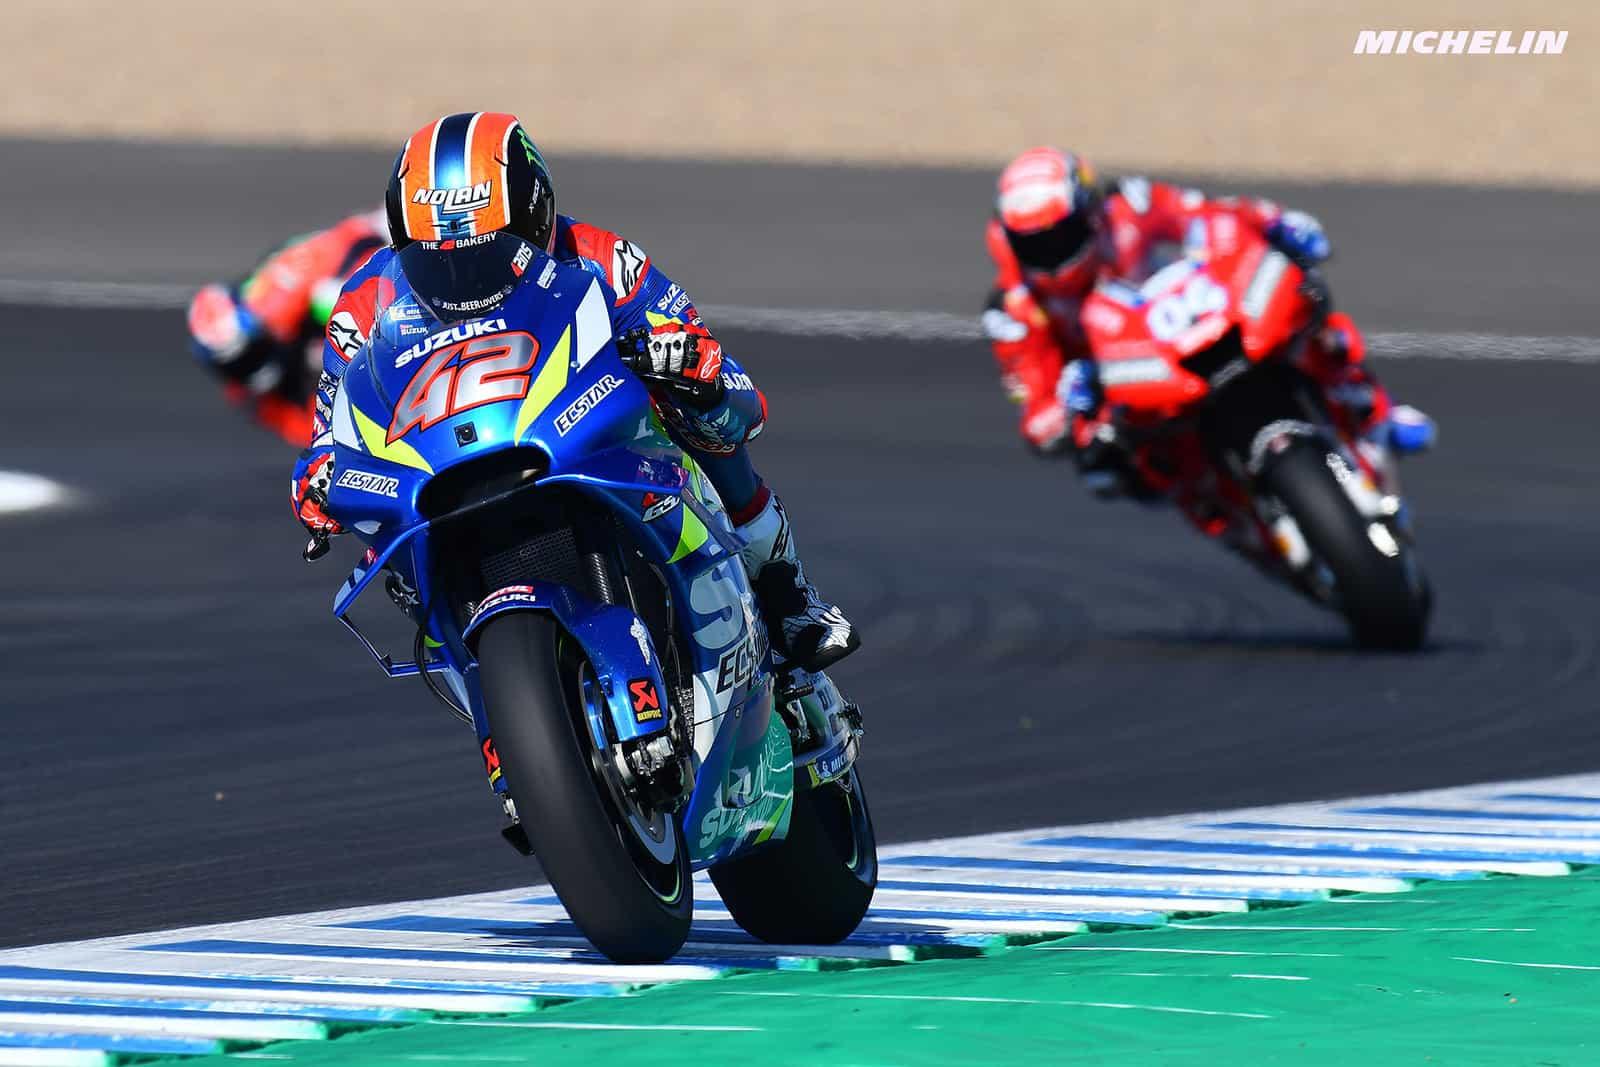 MotoGP2019フランスGP リンス「スズキも自分も昨年より成長している」